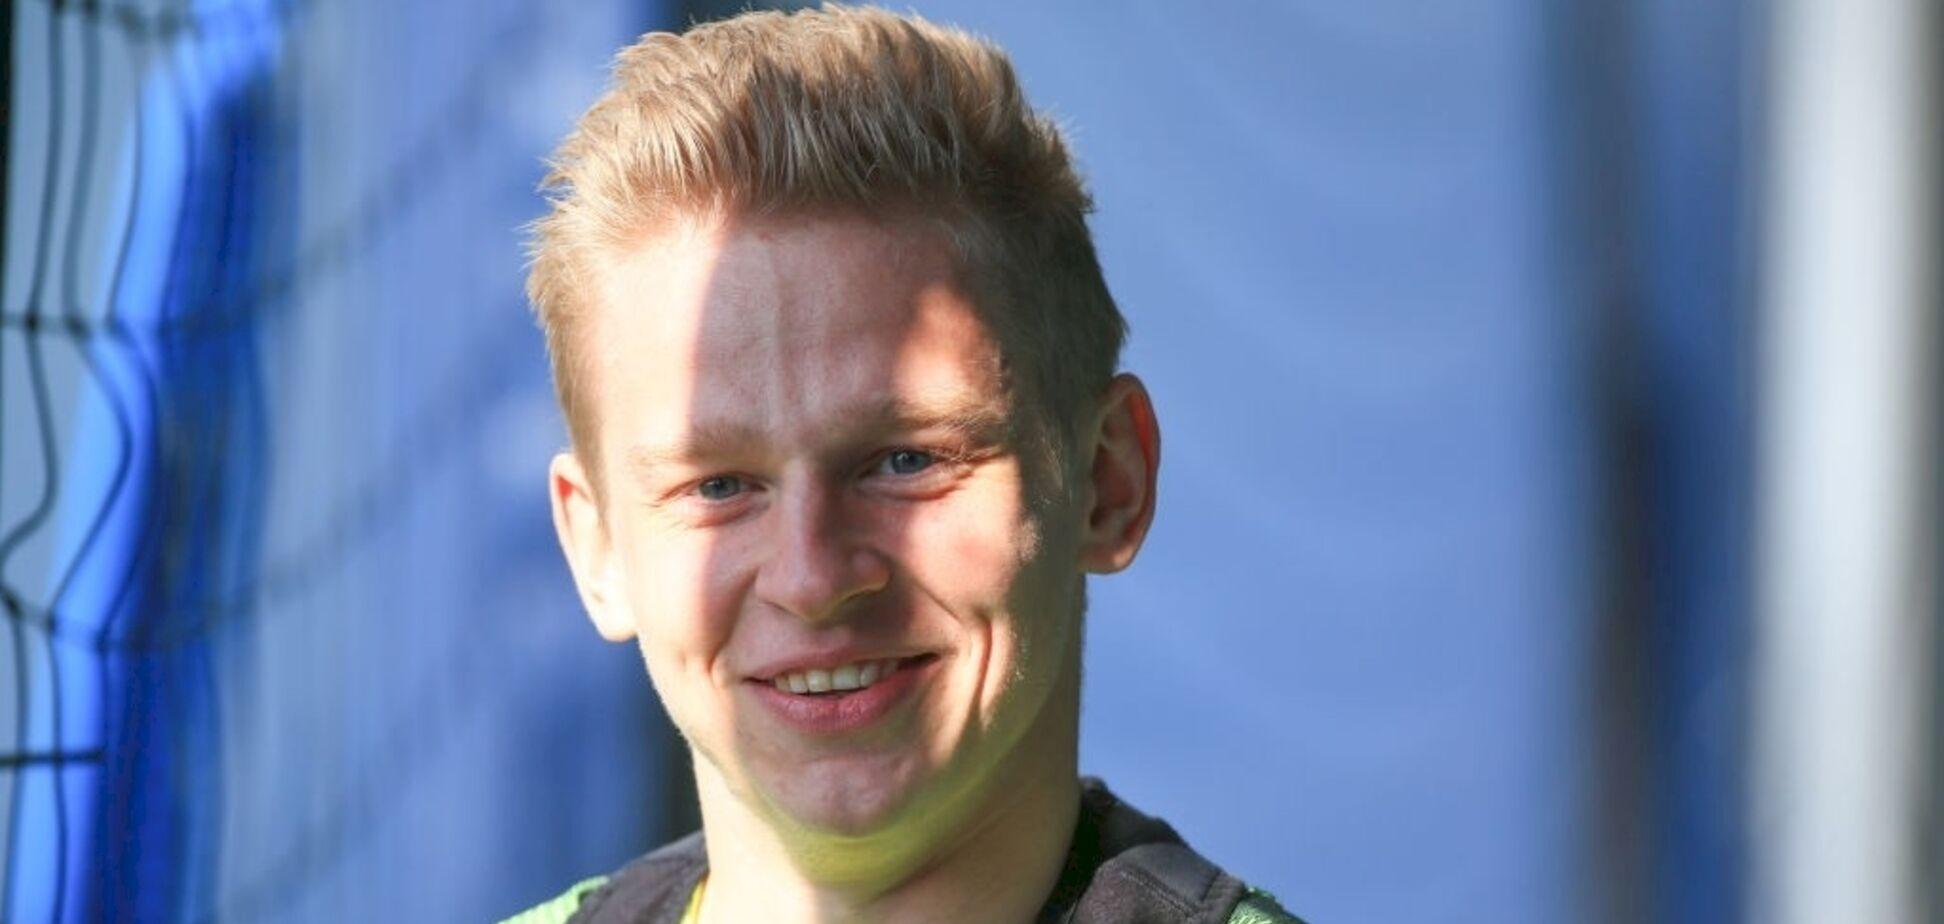 'Киркоров' в 'Манчестер Сити': Зинченко рассказал о самом странном игроке в команде